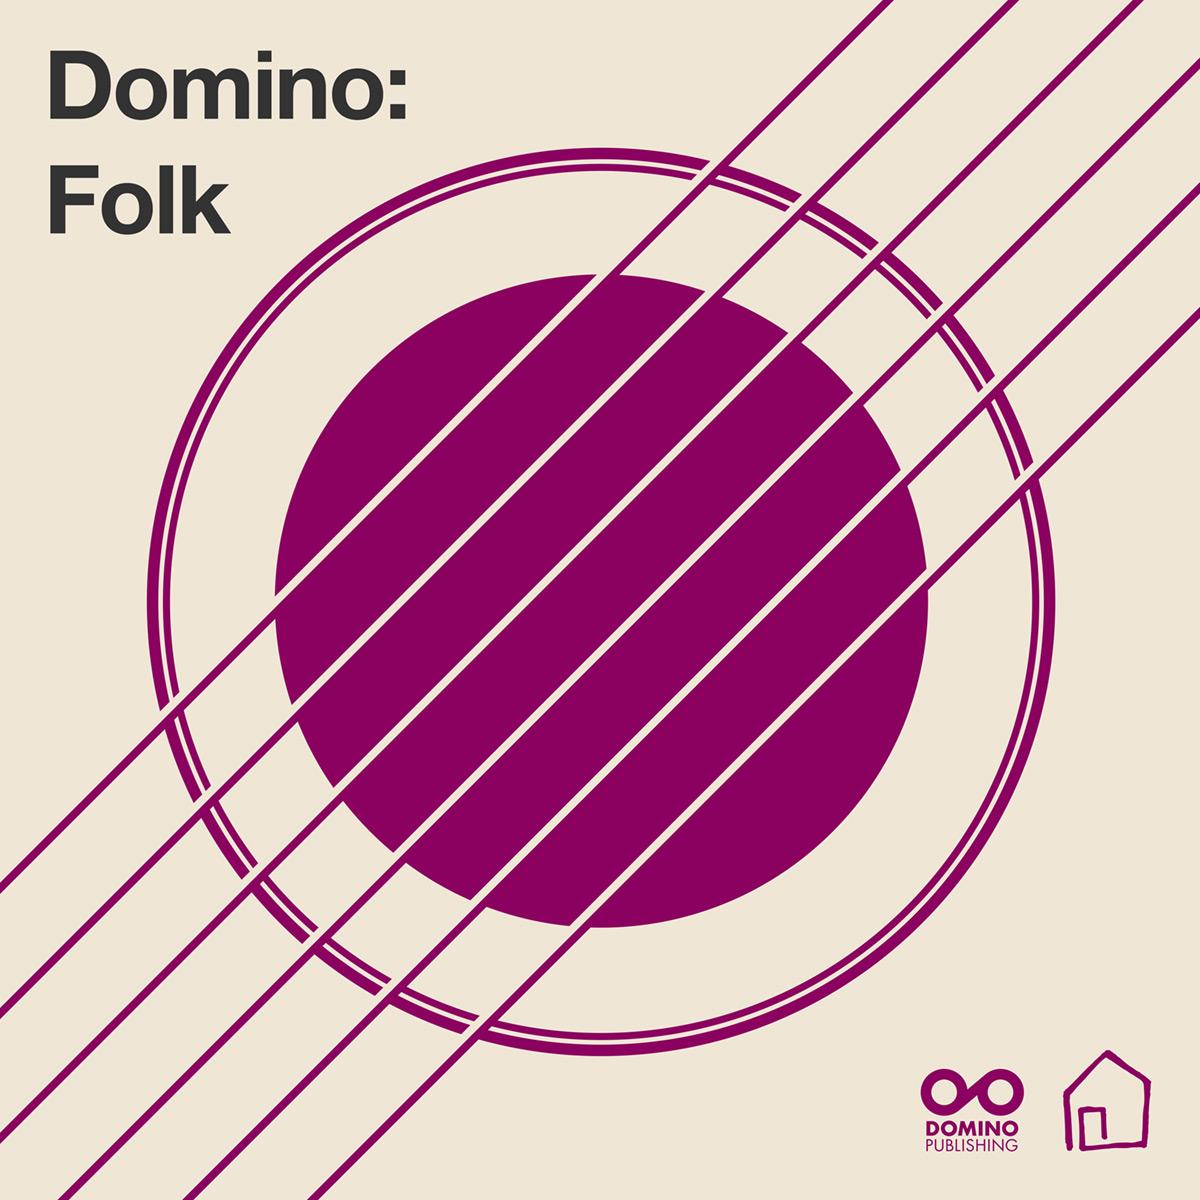 Domino-folk